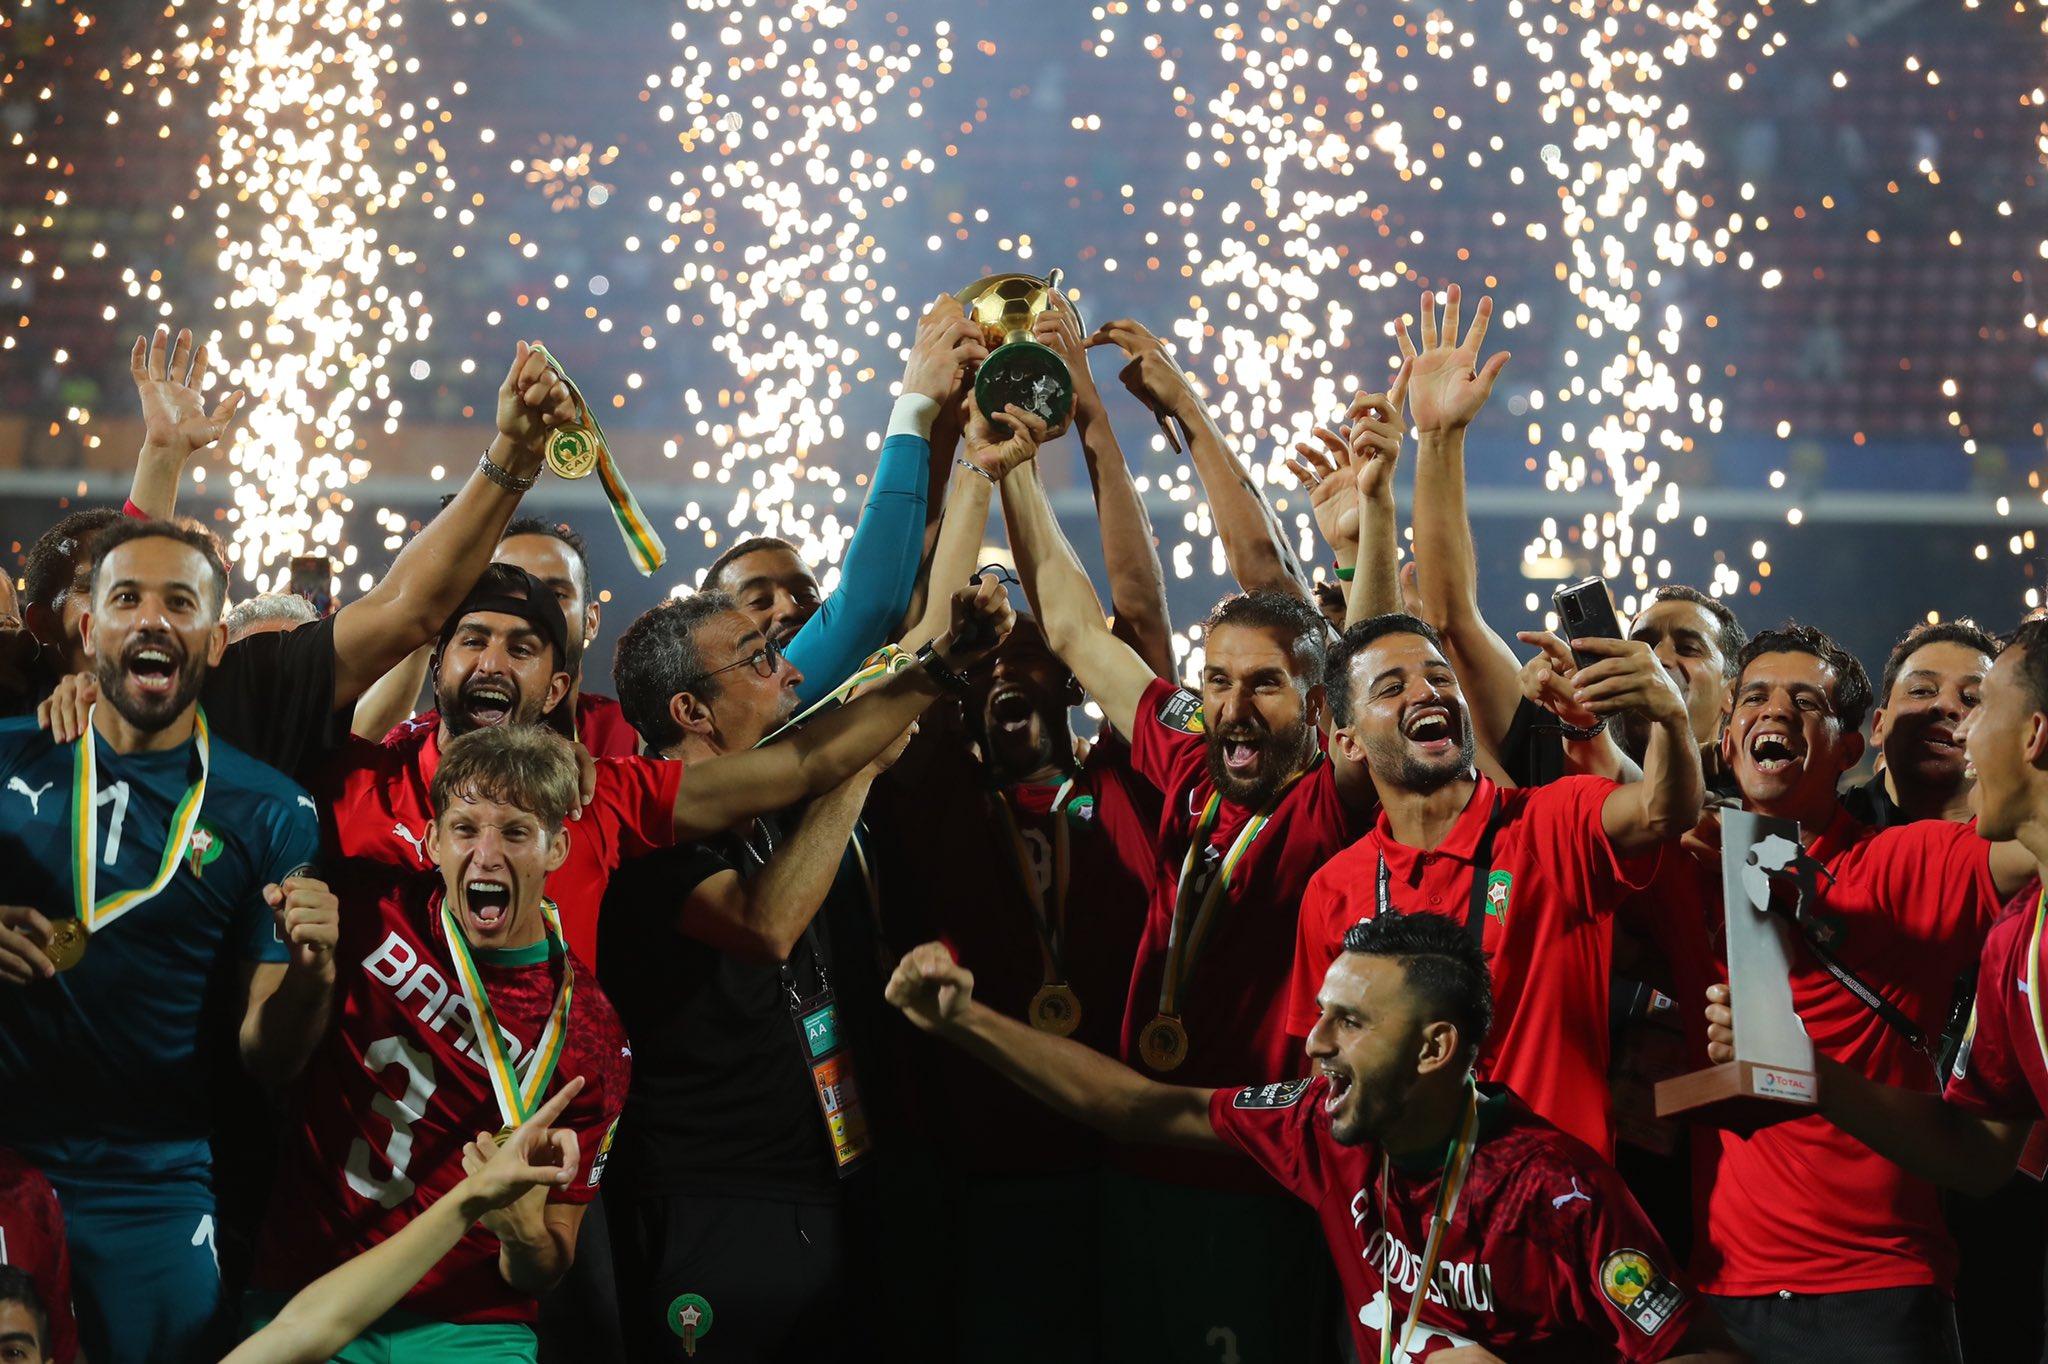 هذا هو مُخطط الناخب الوطني لإزاحة الكرة المغربية من عرش القارة السمراء